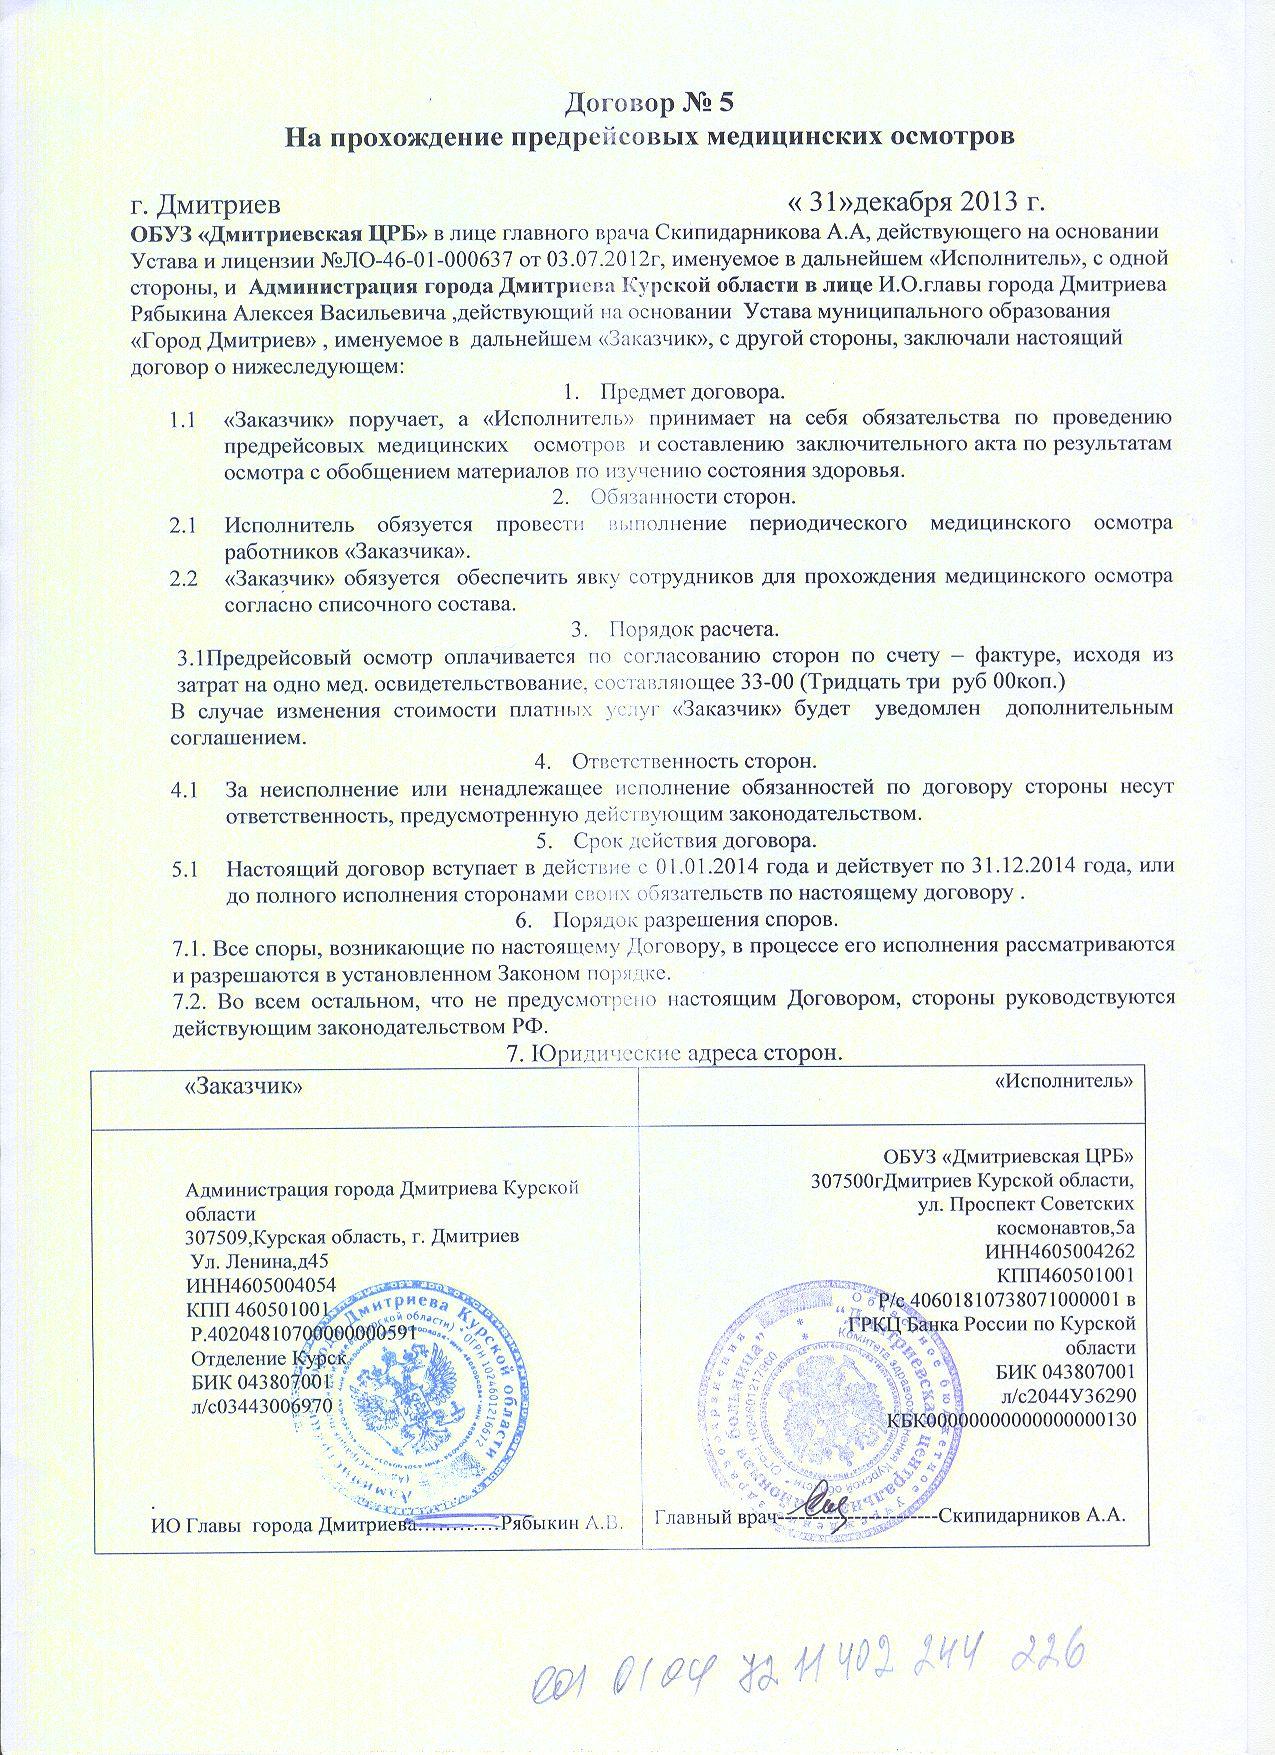 Пример характеристики для награждения почетной грамотой работника